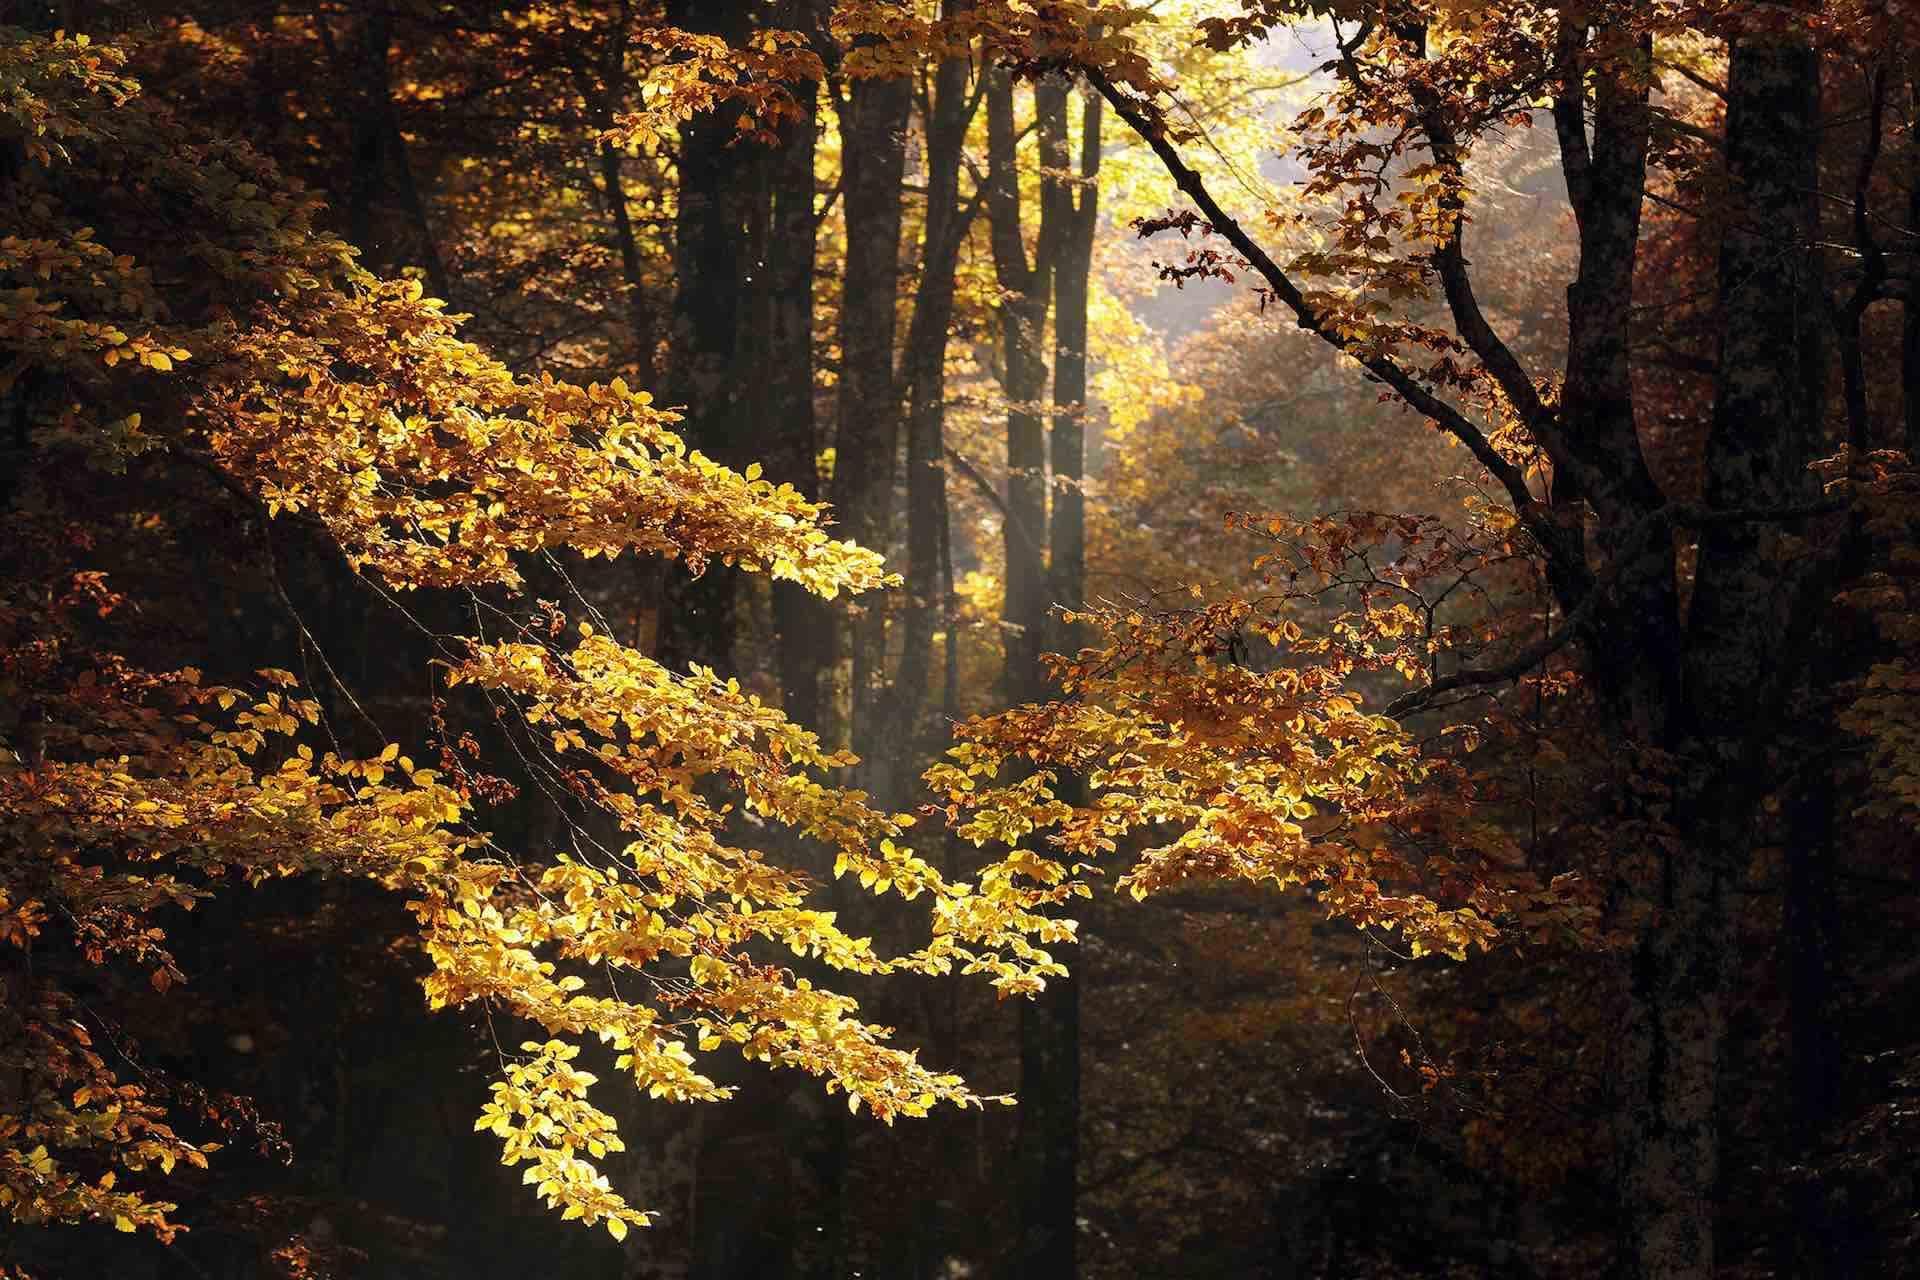 Scopri il bramito del cervo nella Foresta del Cansiglio sull'Altopiano del Cansiglio in Veneto